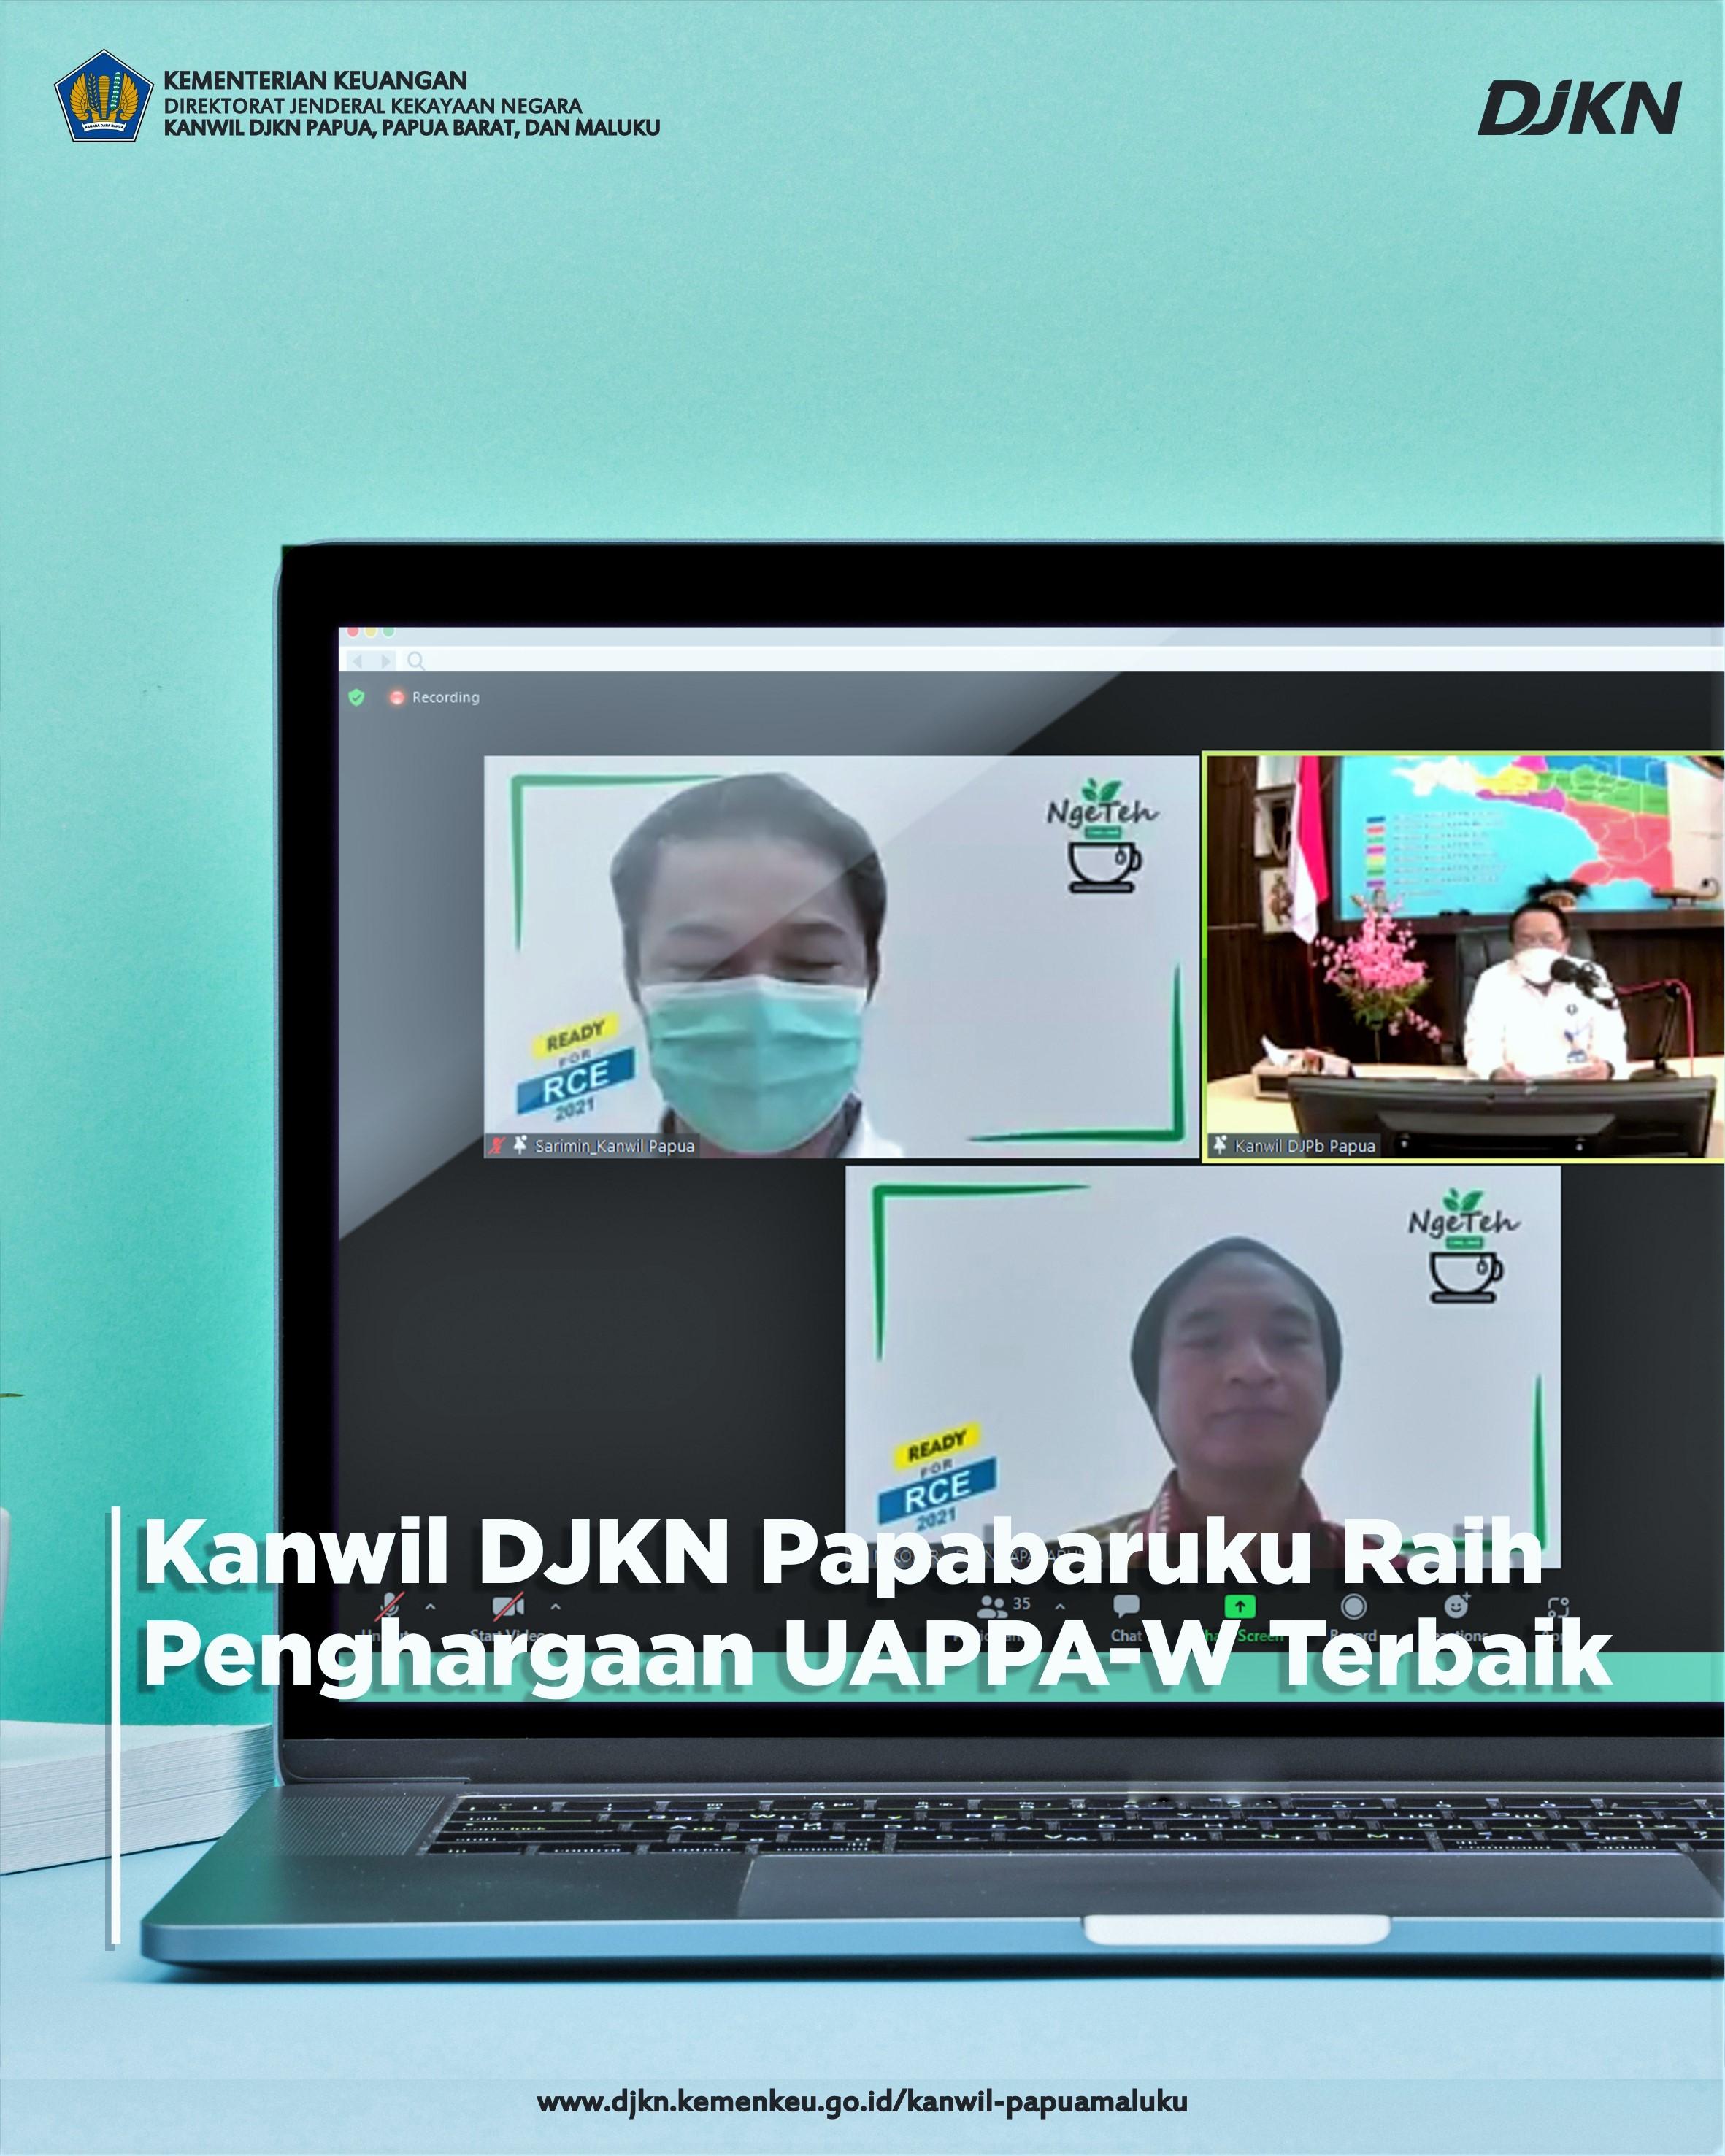 Kanwil DJKN Papabaruku Meraih Penghargaan Sebagai UAPPA-W Terbaik Tahun 2021 Provinsi Papua